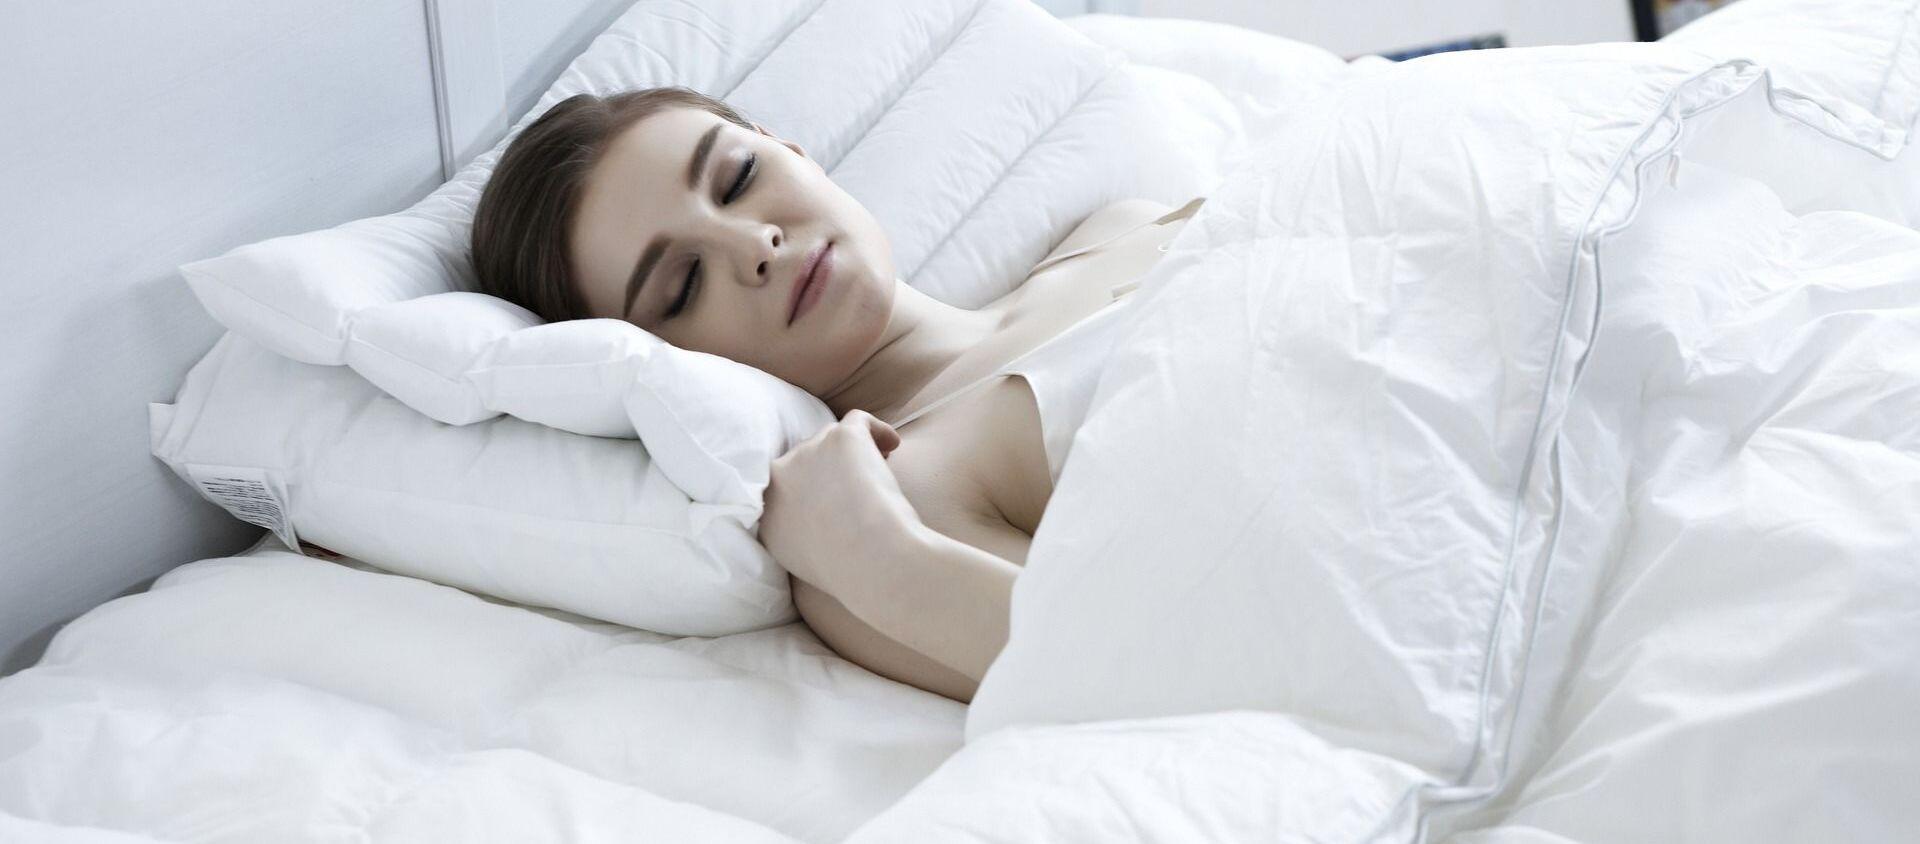 Una mujer duerme - Sputnik Mundo, 1920, 18.01.2021